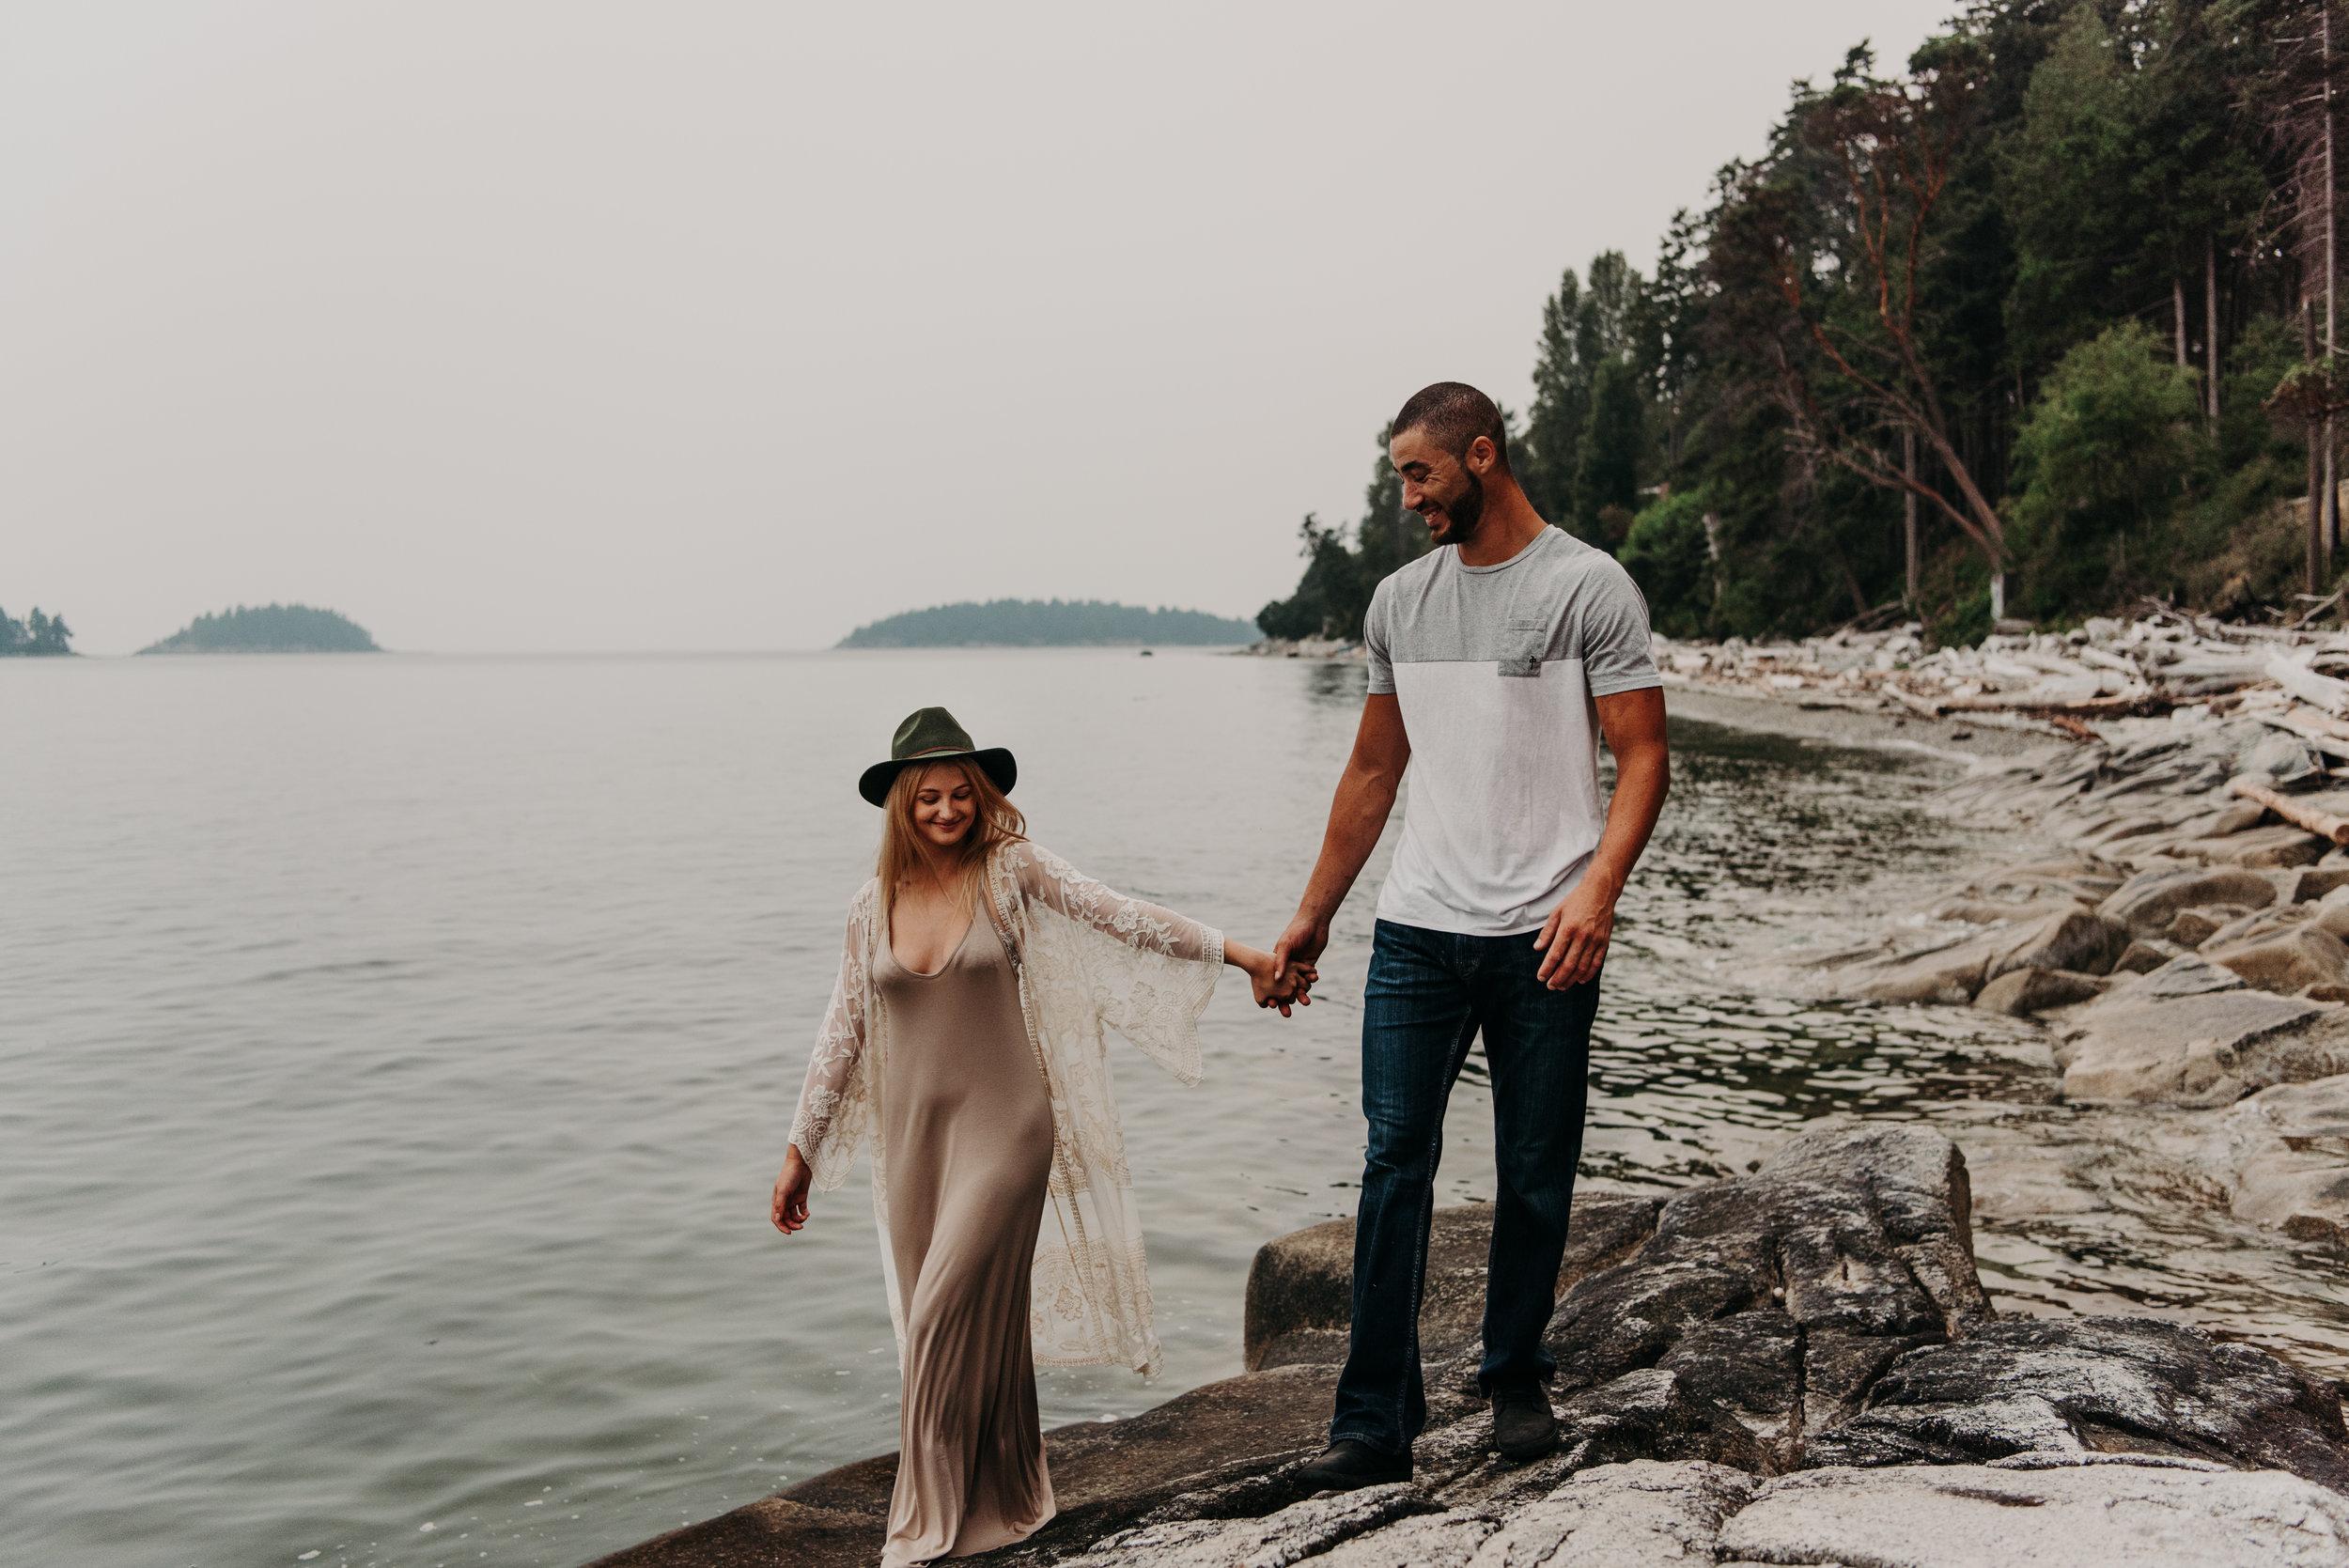 Sierra & Tyler Summer Beach Couples Session - Laura Olson Photography - Sunshine Coast BC Photographer-2380.jpg